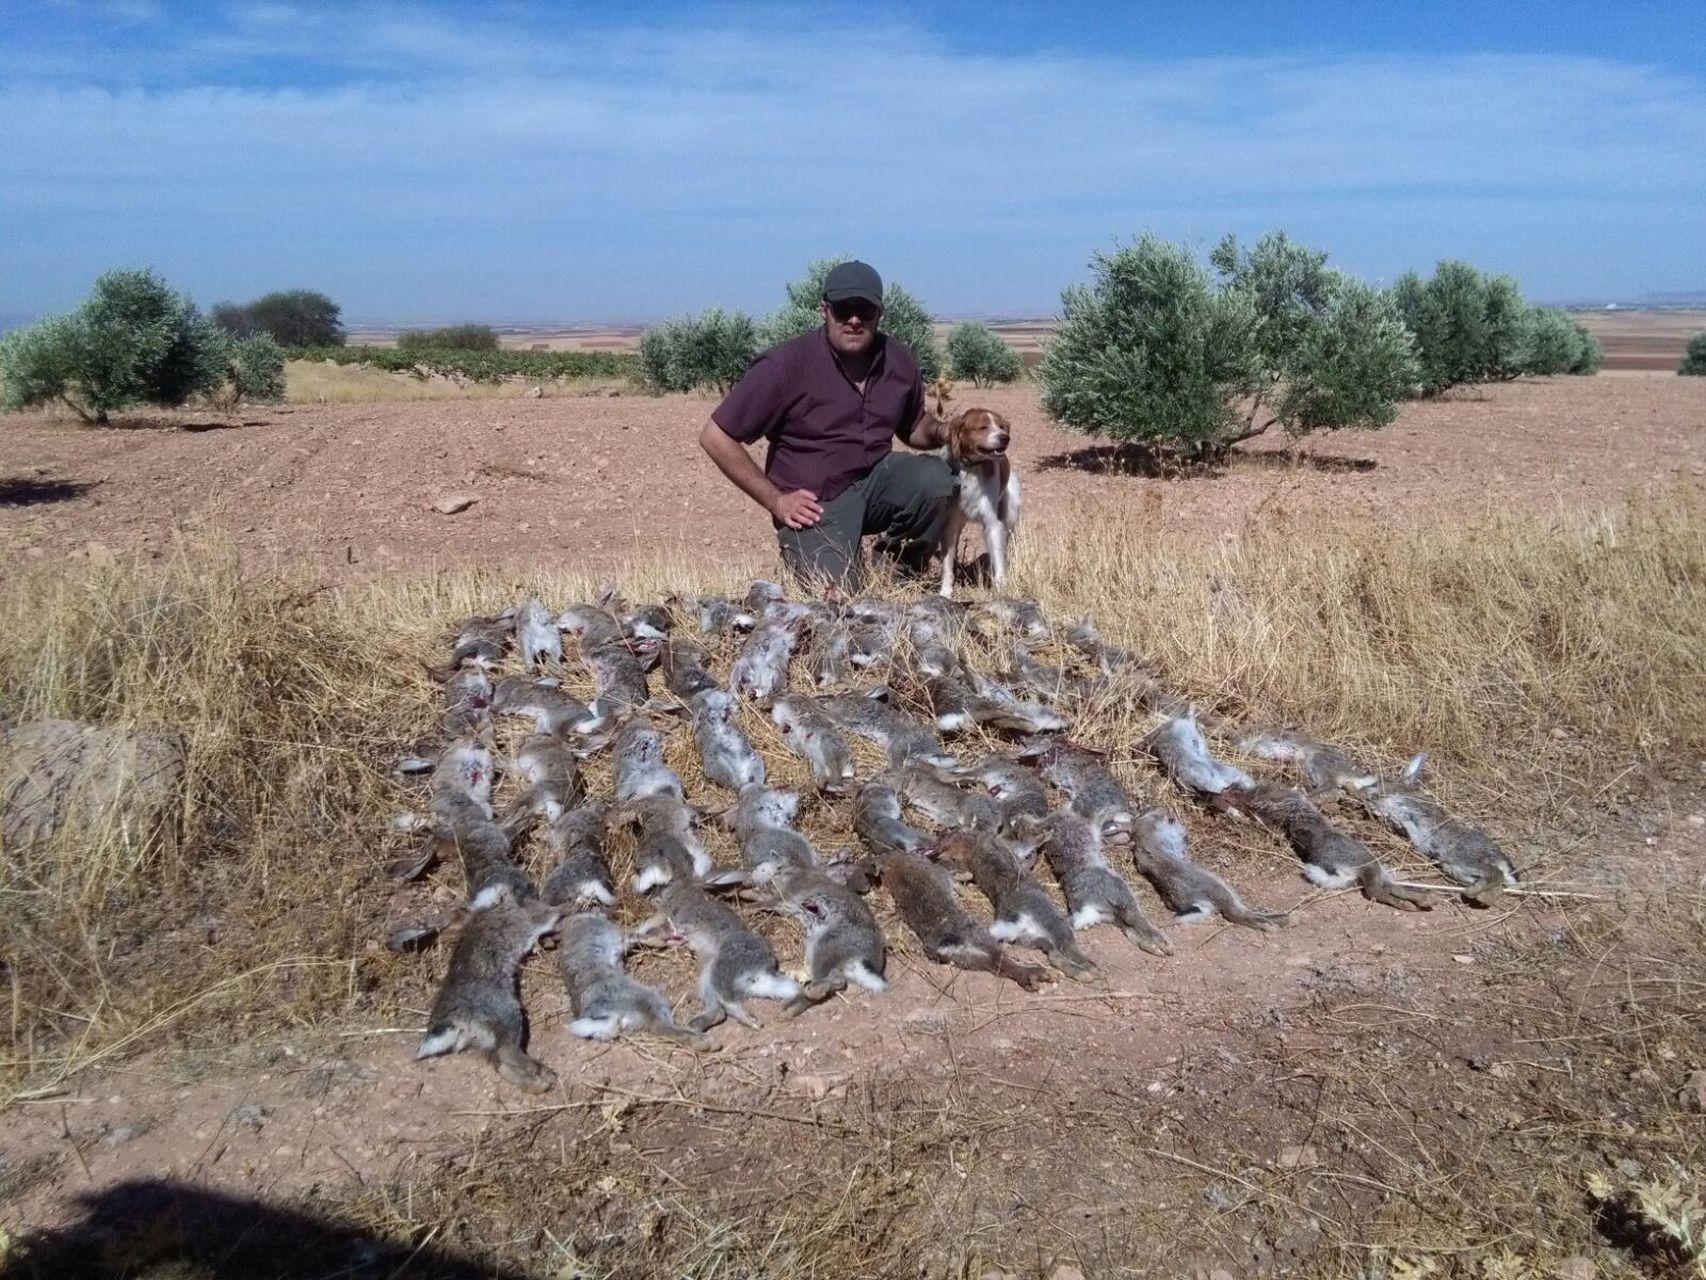 Emilio, uno de los cazadores que tratan de acabar con la plaga de conejos - Jorge Barreno